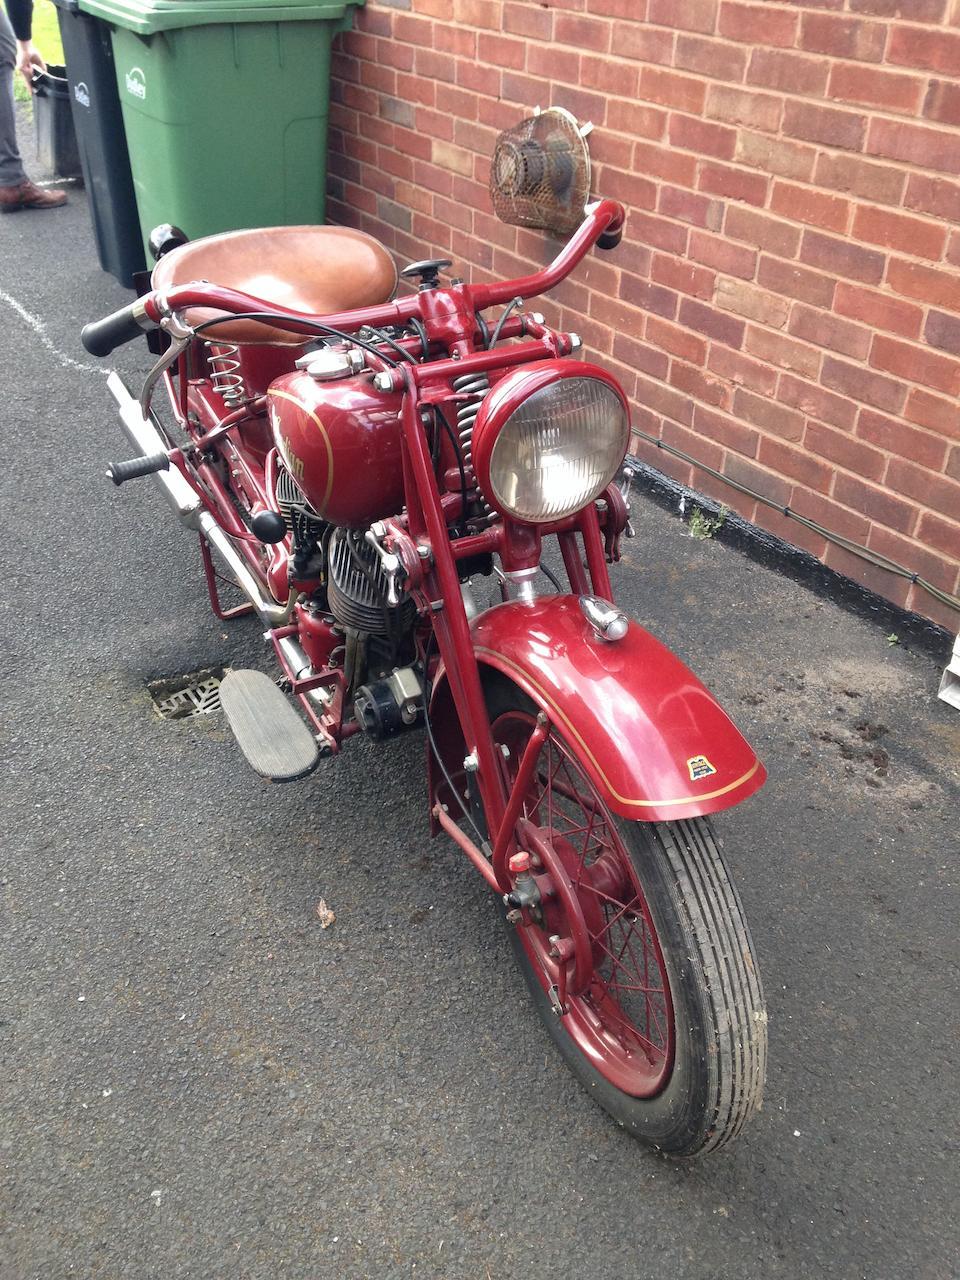 c.1941 Indian 500cc Model 741B Scout Frame no. 741 4846 Engine no. CDA 22216